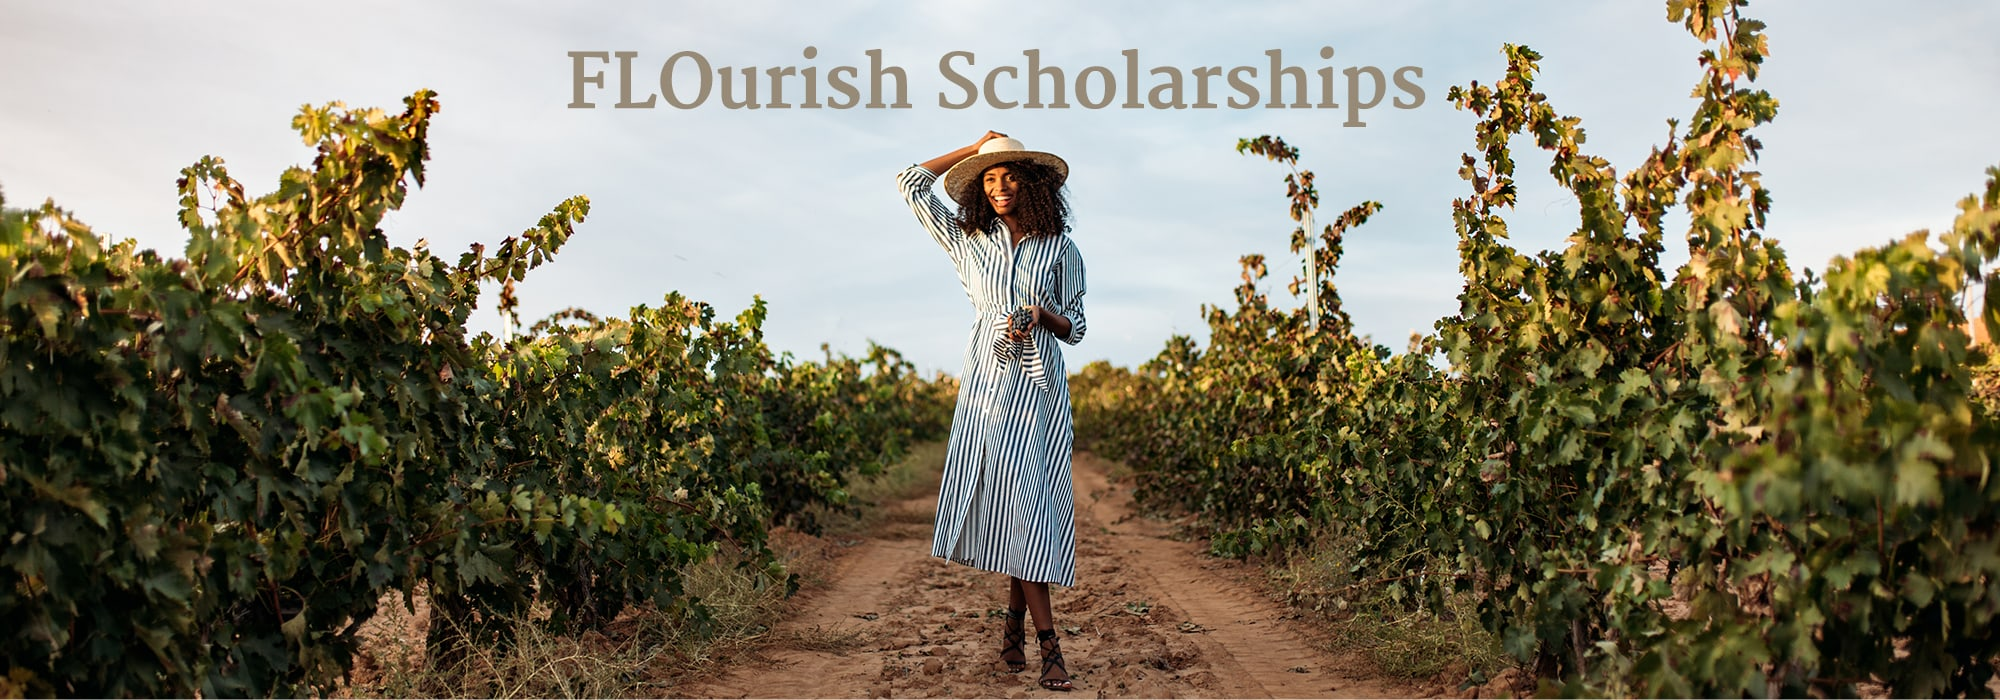 FLOrish Scholarships